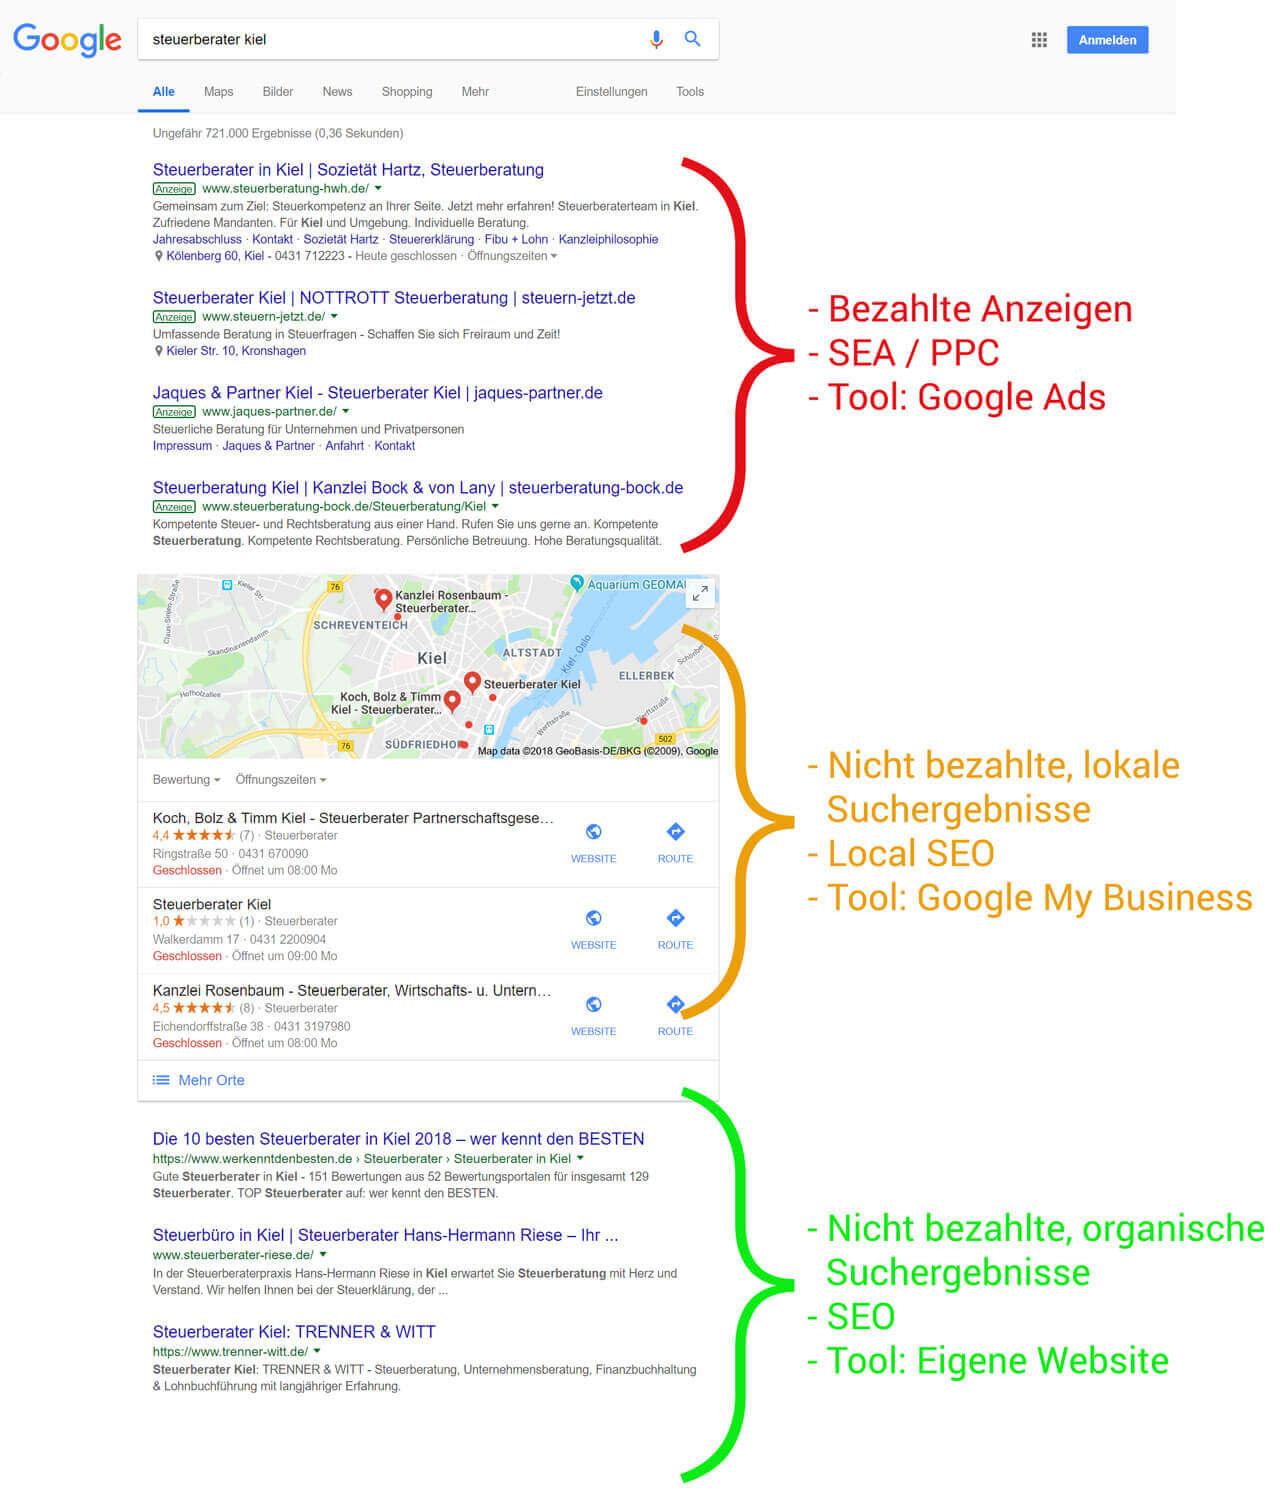 Kennzeichnung der Google Suchergebnisse